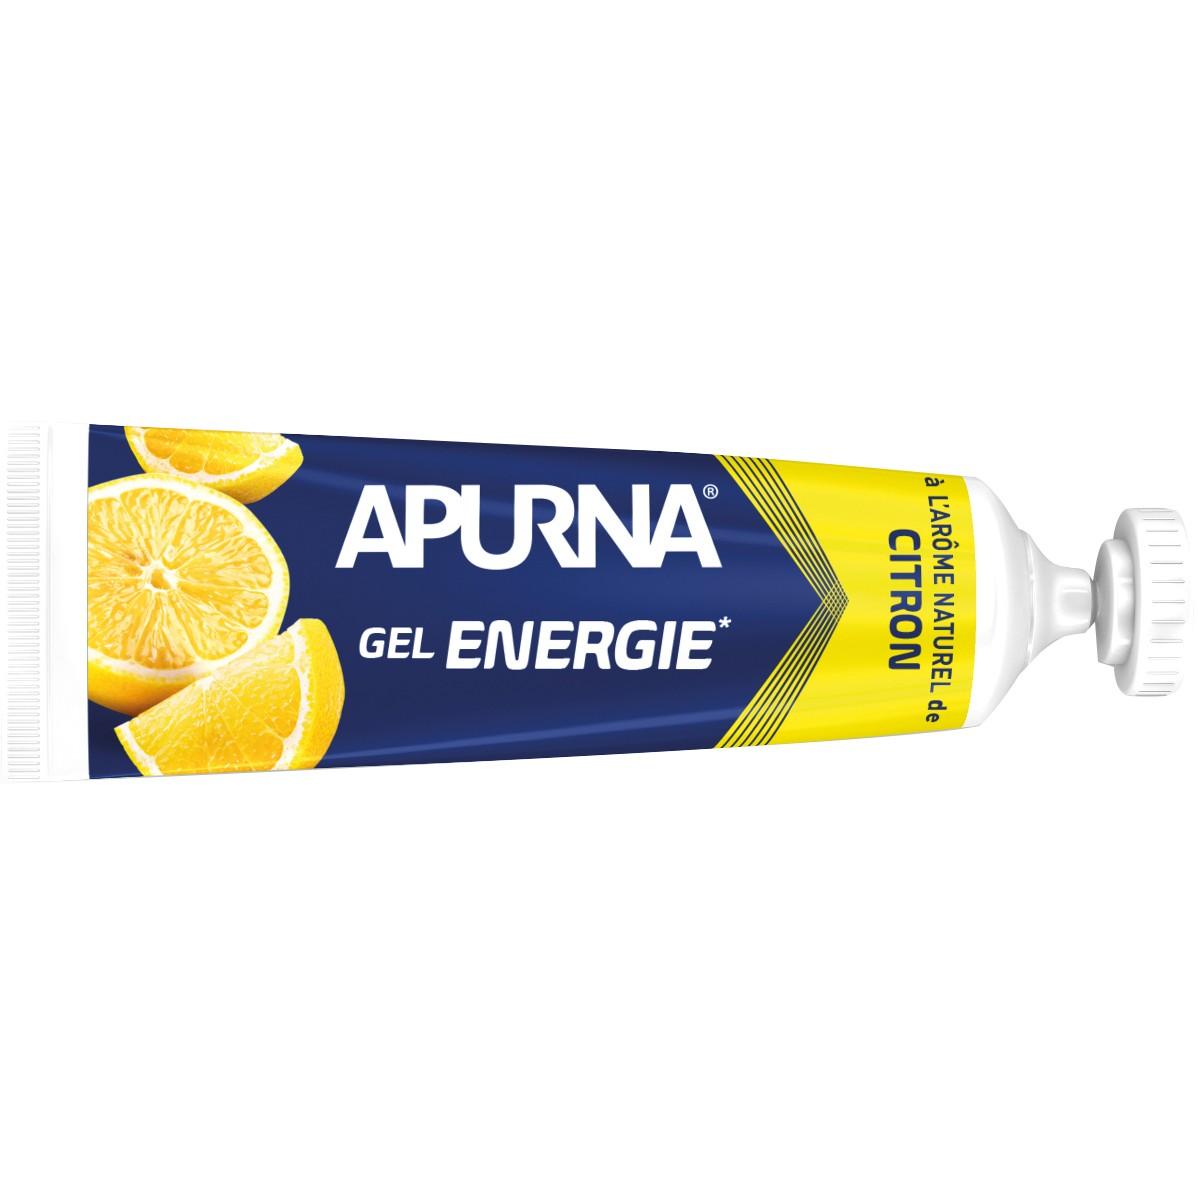 GEL ENERGIE APURNA 35G - 2H D'EFFORT - AROME CITRON